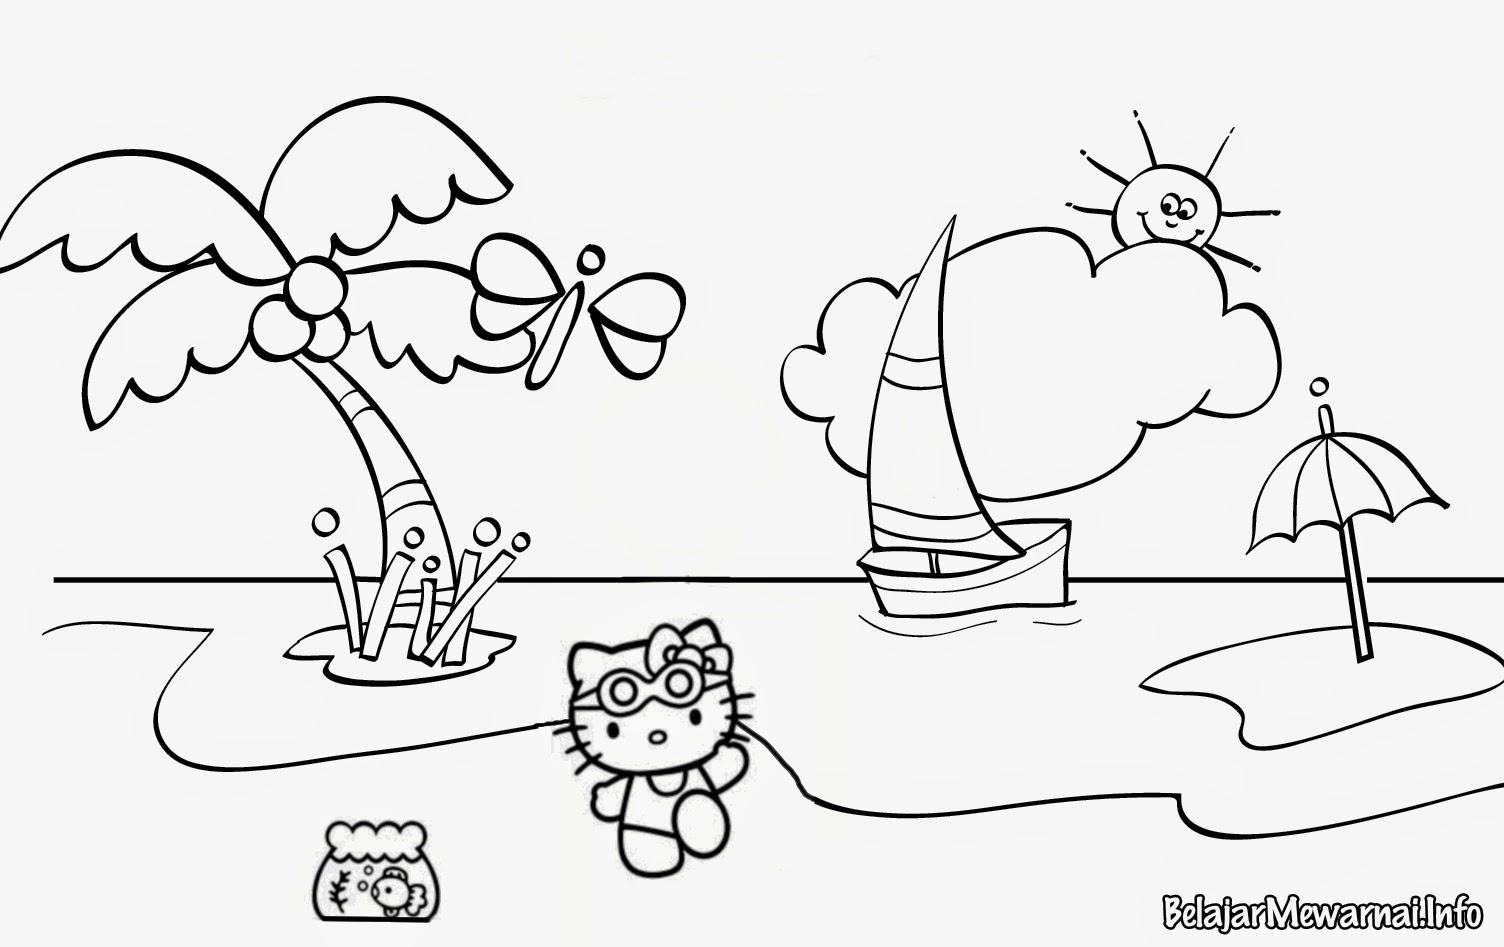 Download 7700 Gambar Animasi Hitam Putih Pemandangan Terbaik